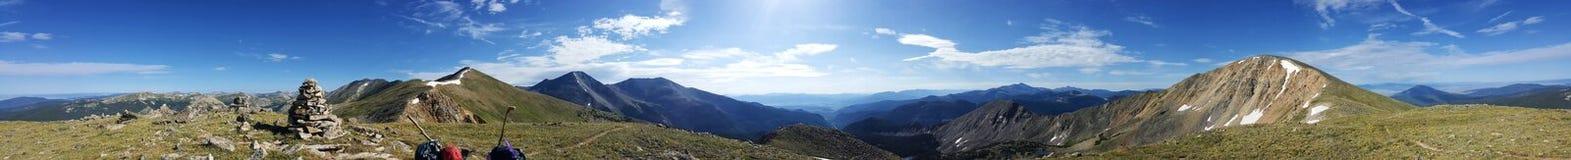 科罗拉多山风景 免版税图库摄影